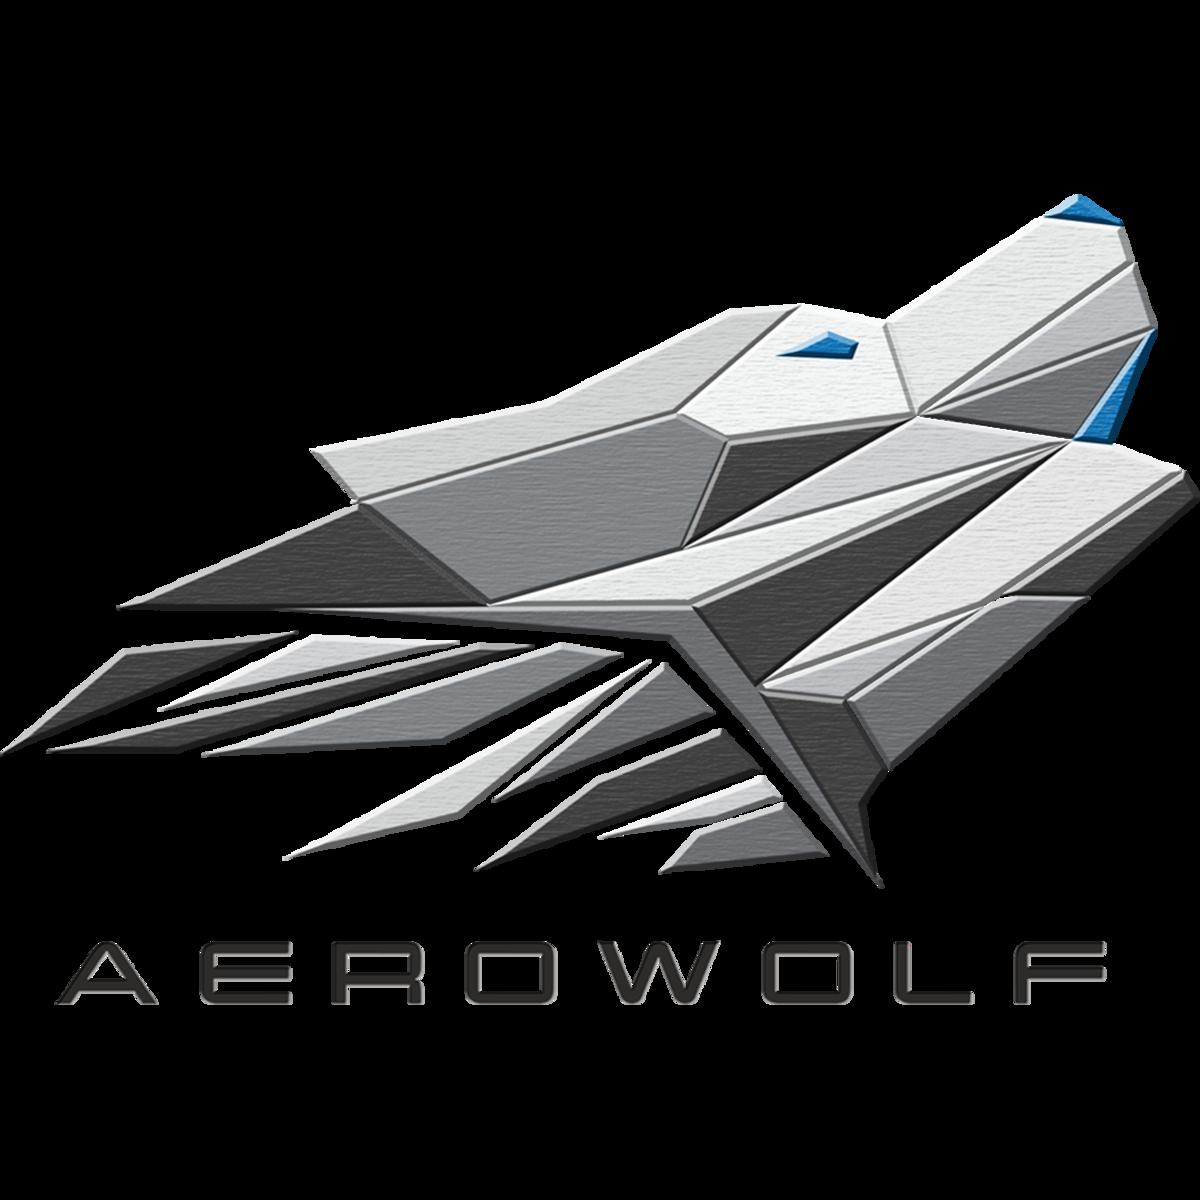 Aerowolf Team One - PUBG Esports Wiki